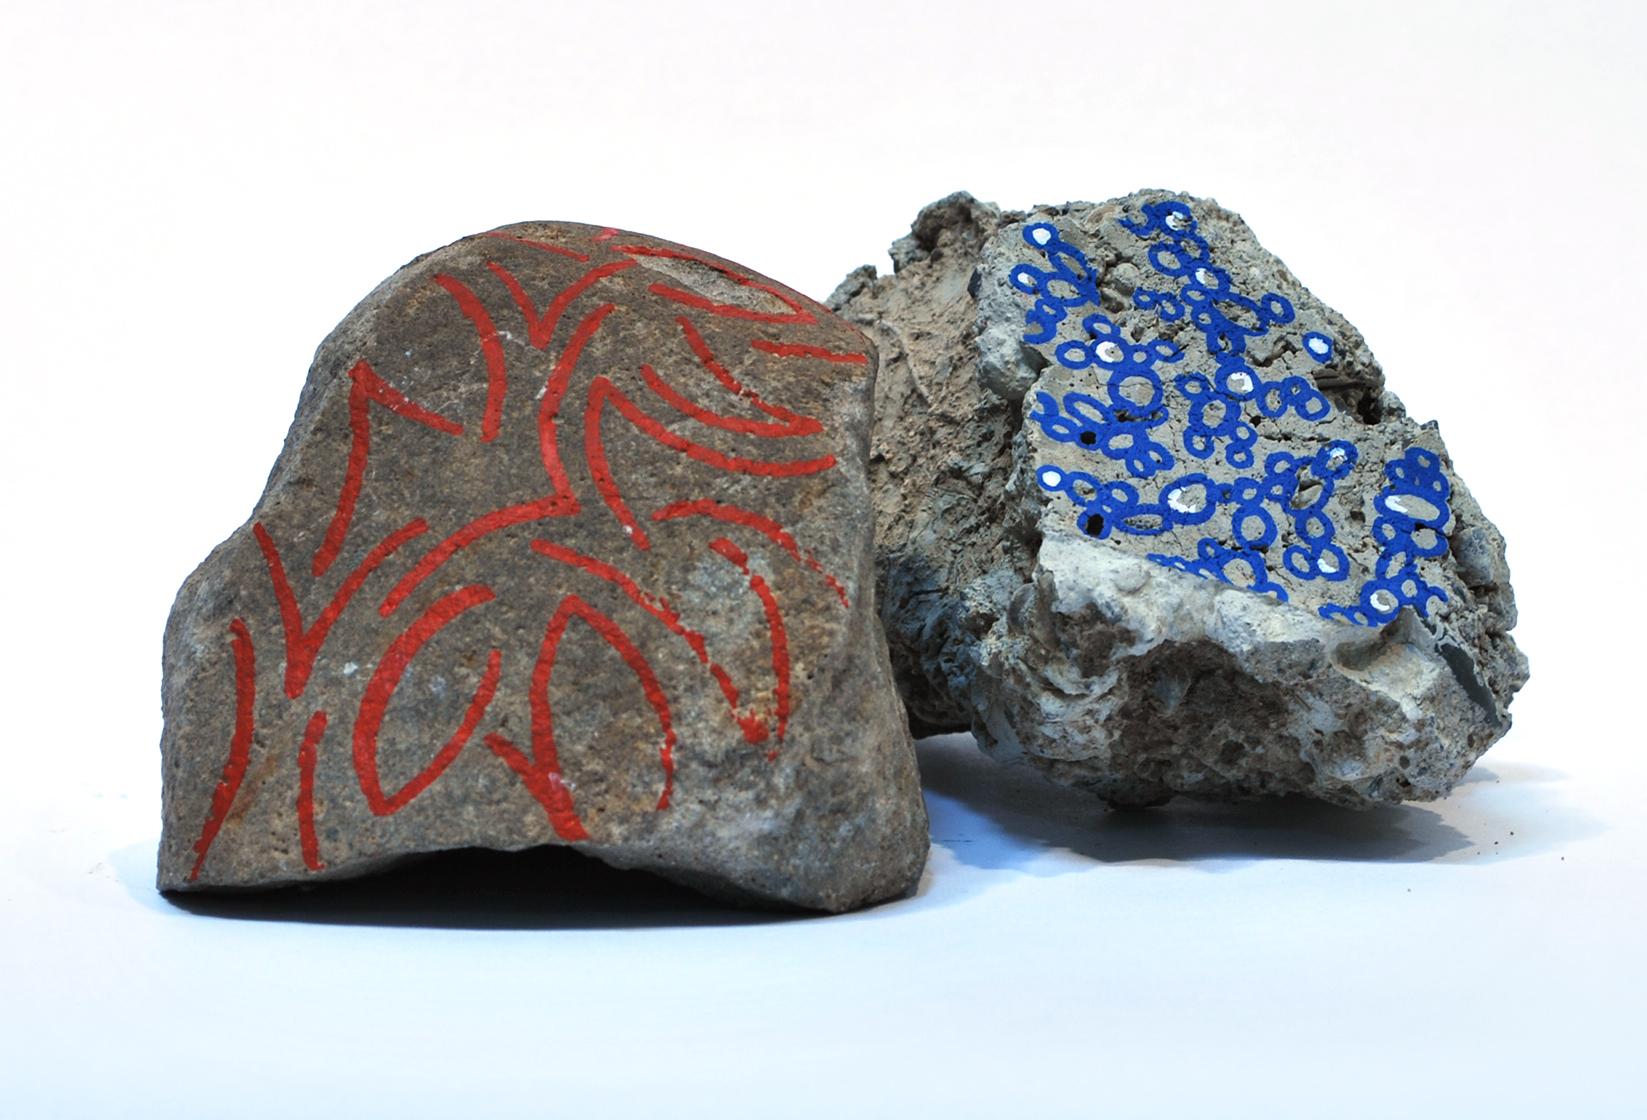 patterned rock studies- 3.jpg